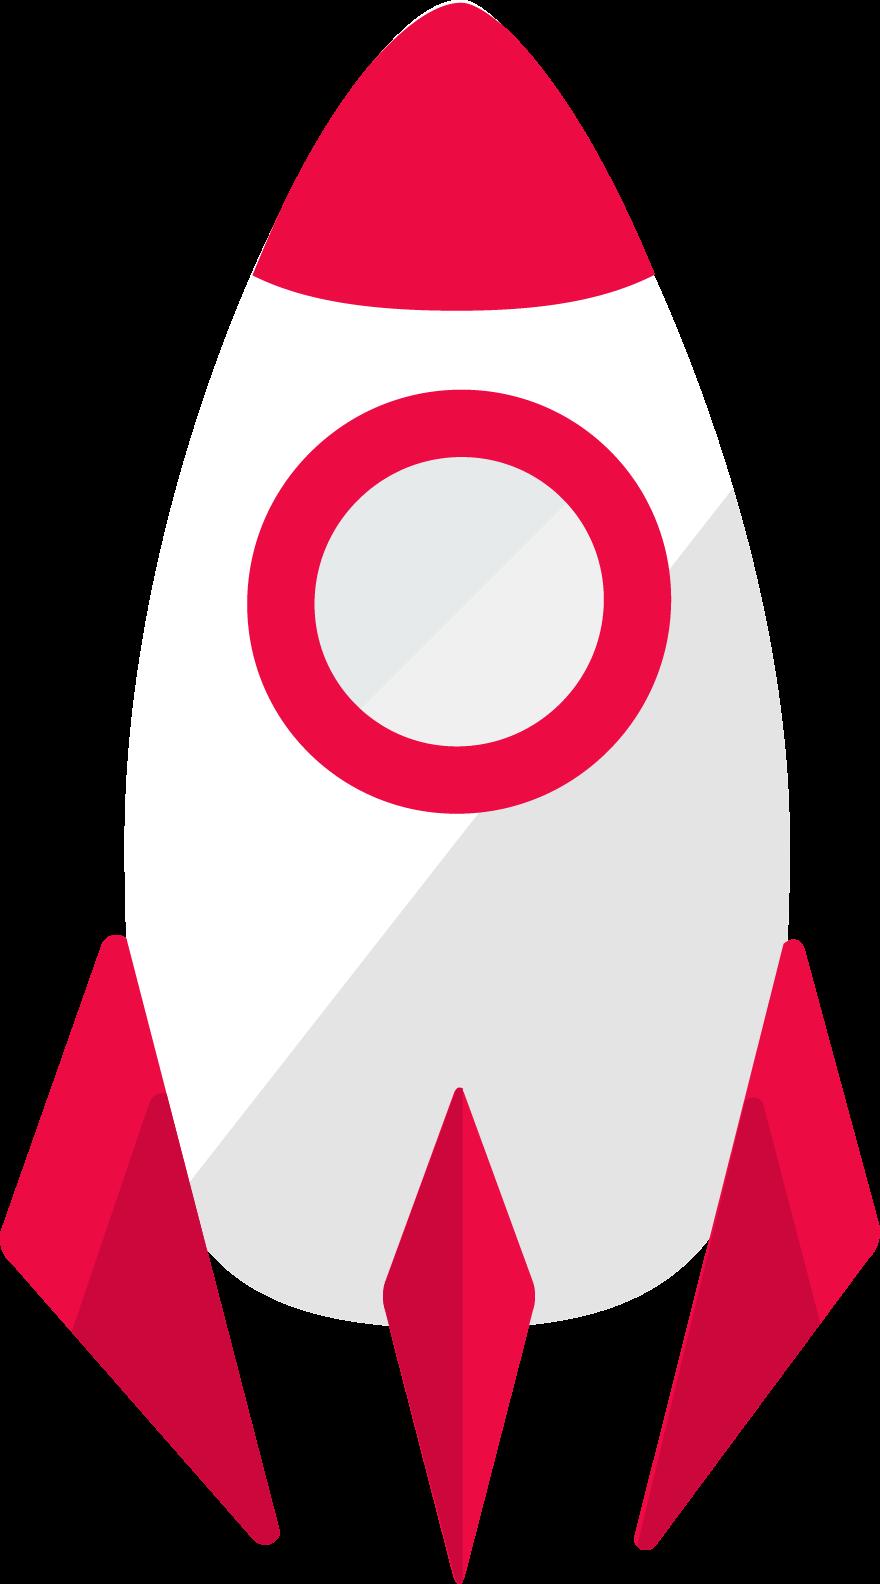 Red Rocket Image